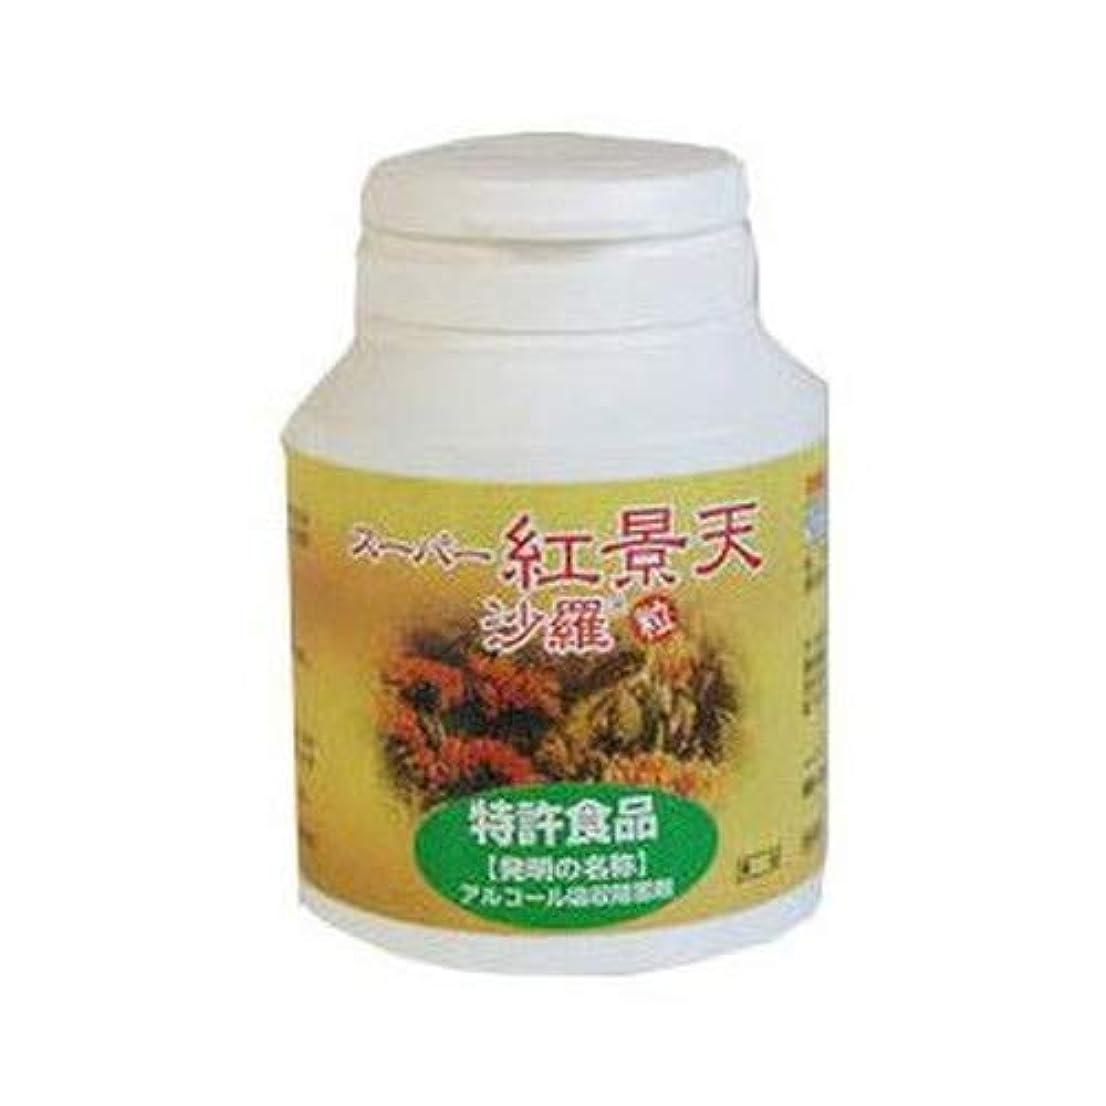 たっぷり海外でセラフジャパンヘルス スーパー紅景天沙羅 350粒